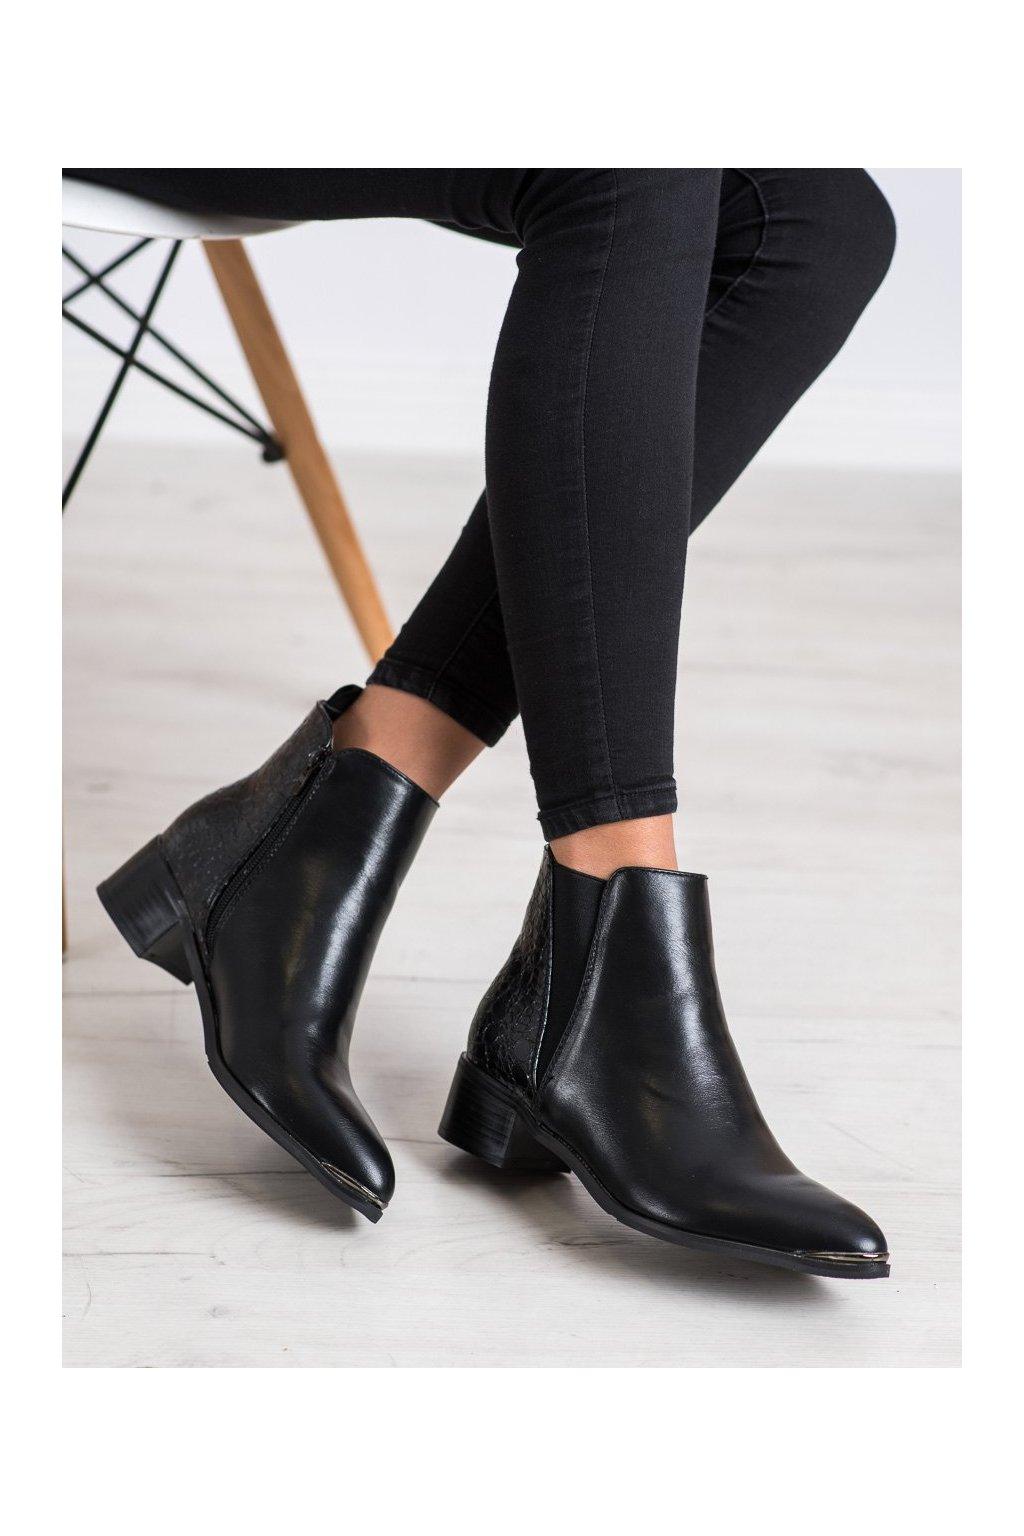 Čierne dámske topánky Kayla kod 88169B/B